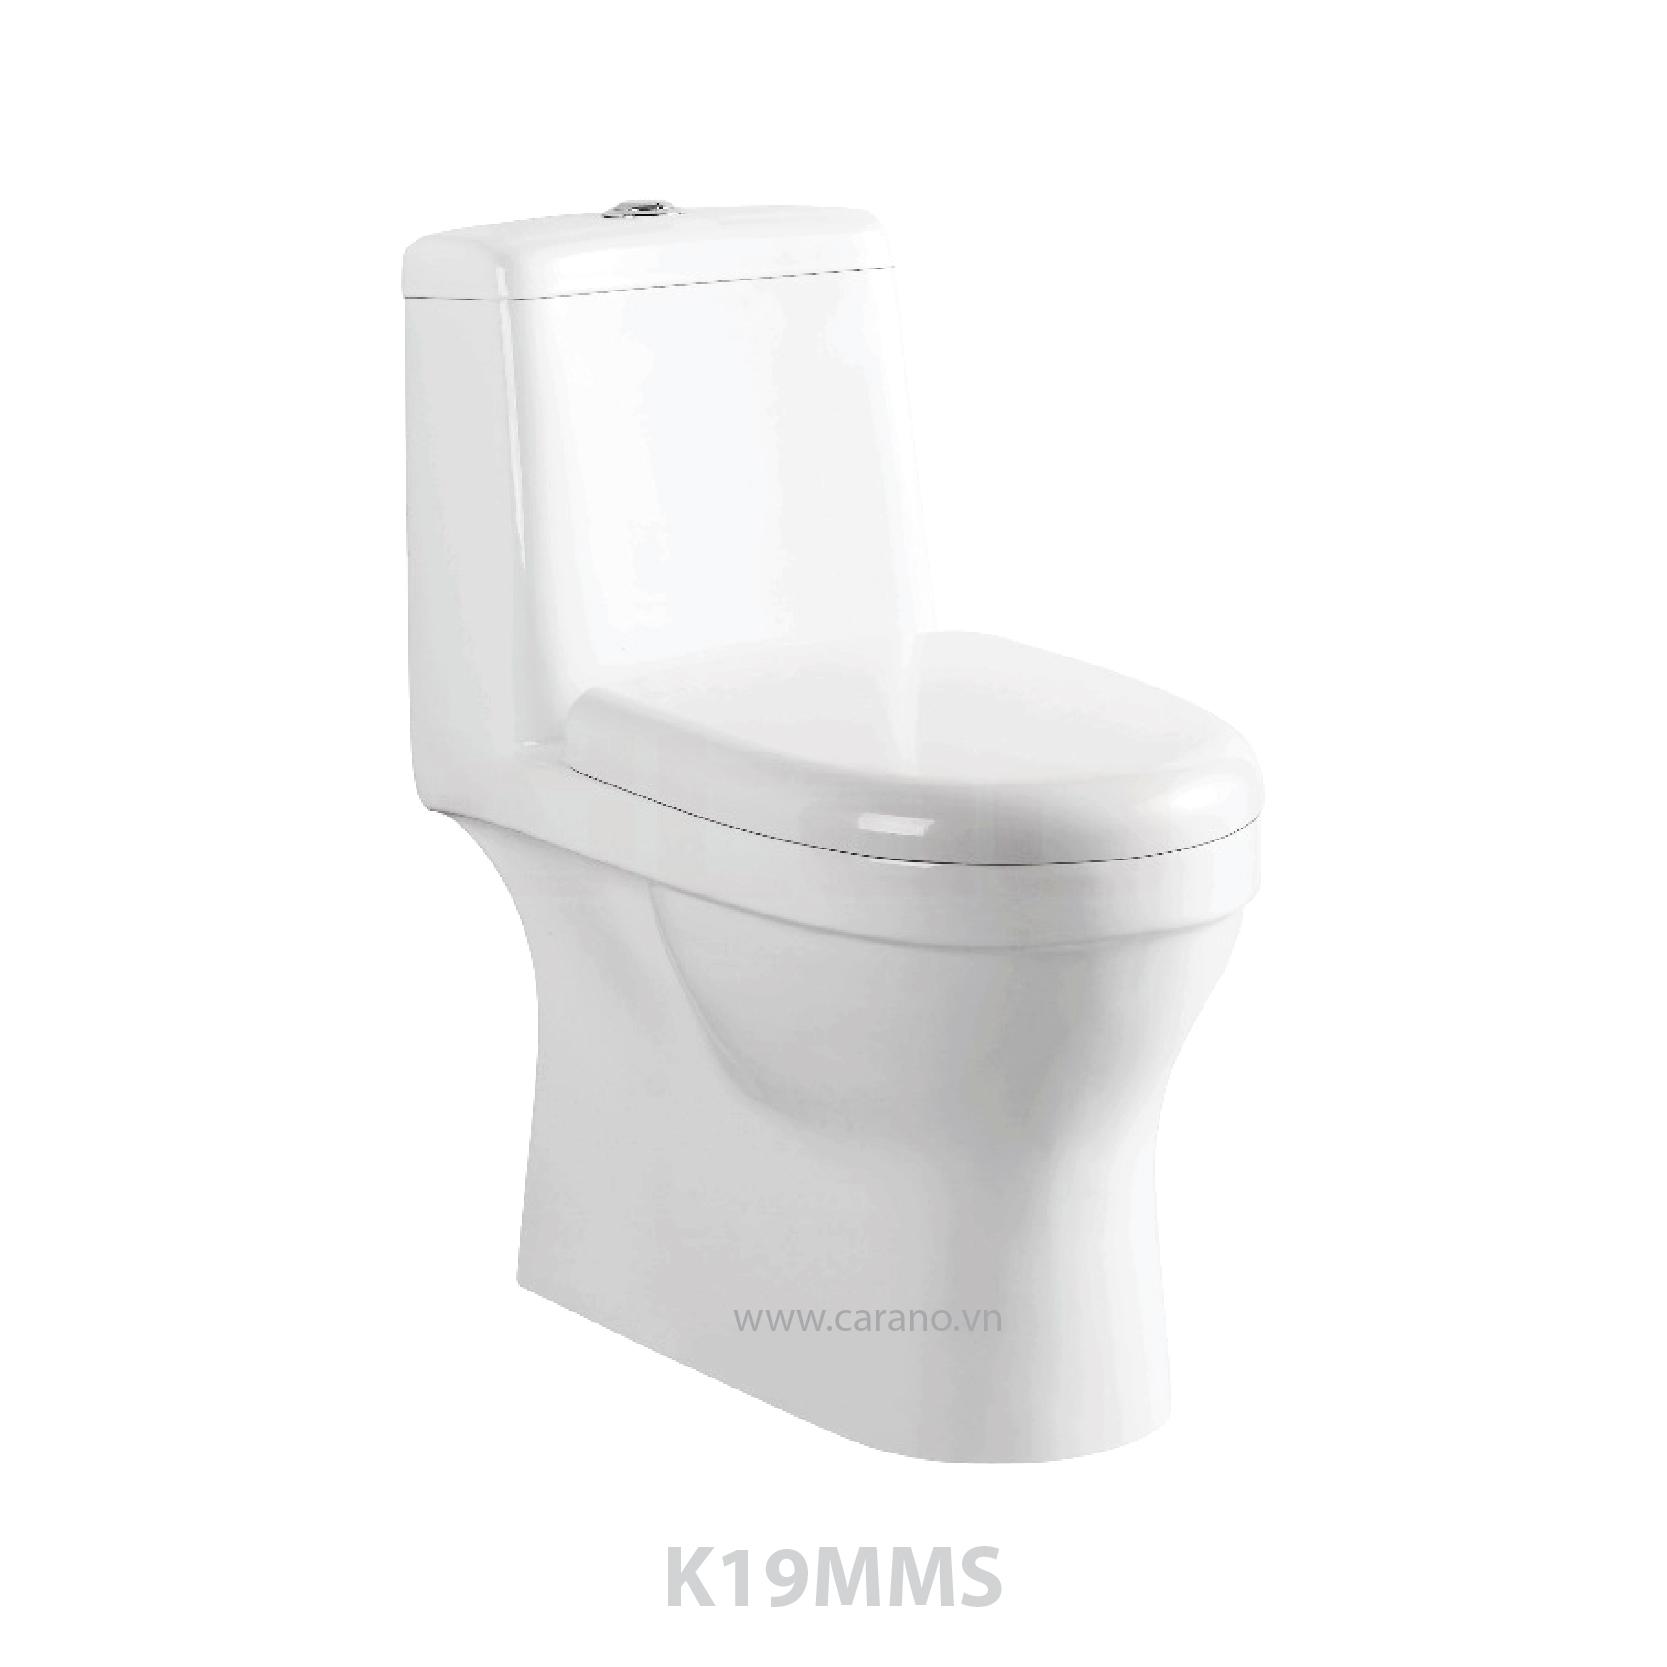 BỒN CẦU 1 KHỐI CARANO K19MMS (Model K19MMS)